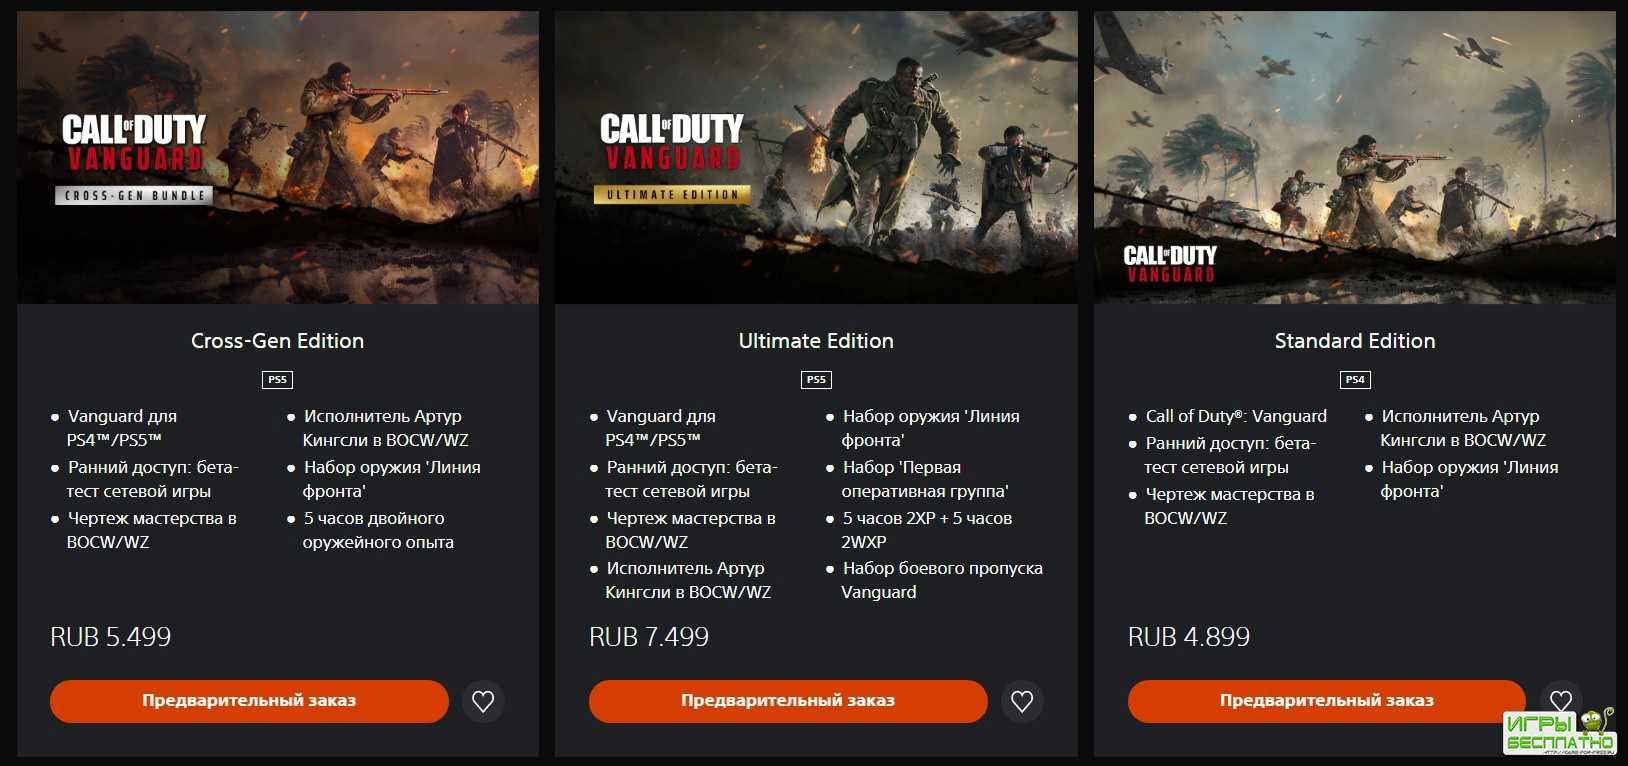 Шутер Call of Duty: Vanguard уже доступен для предзаказа в PSN